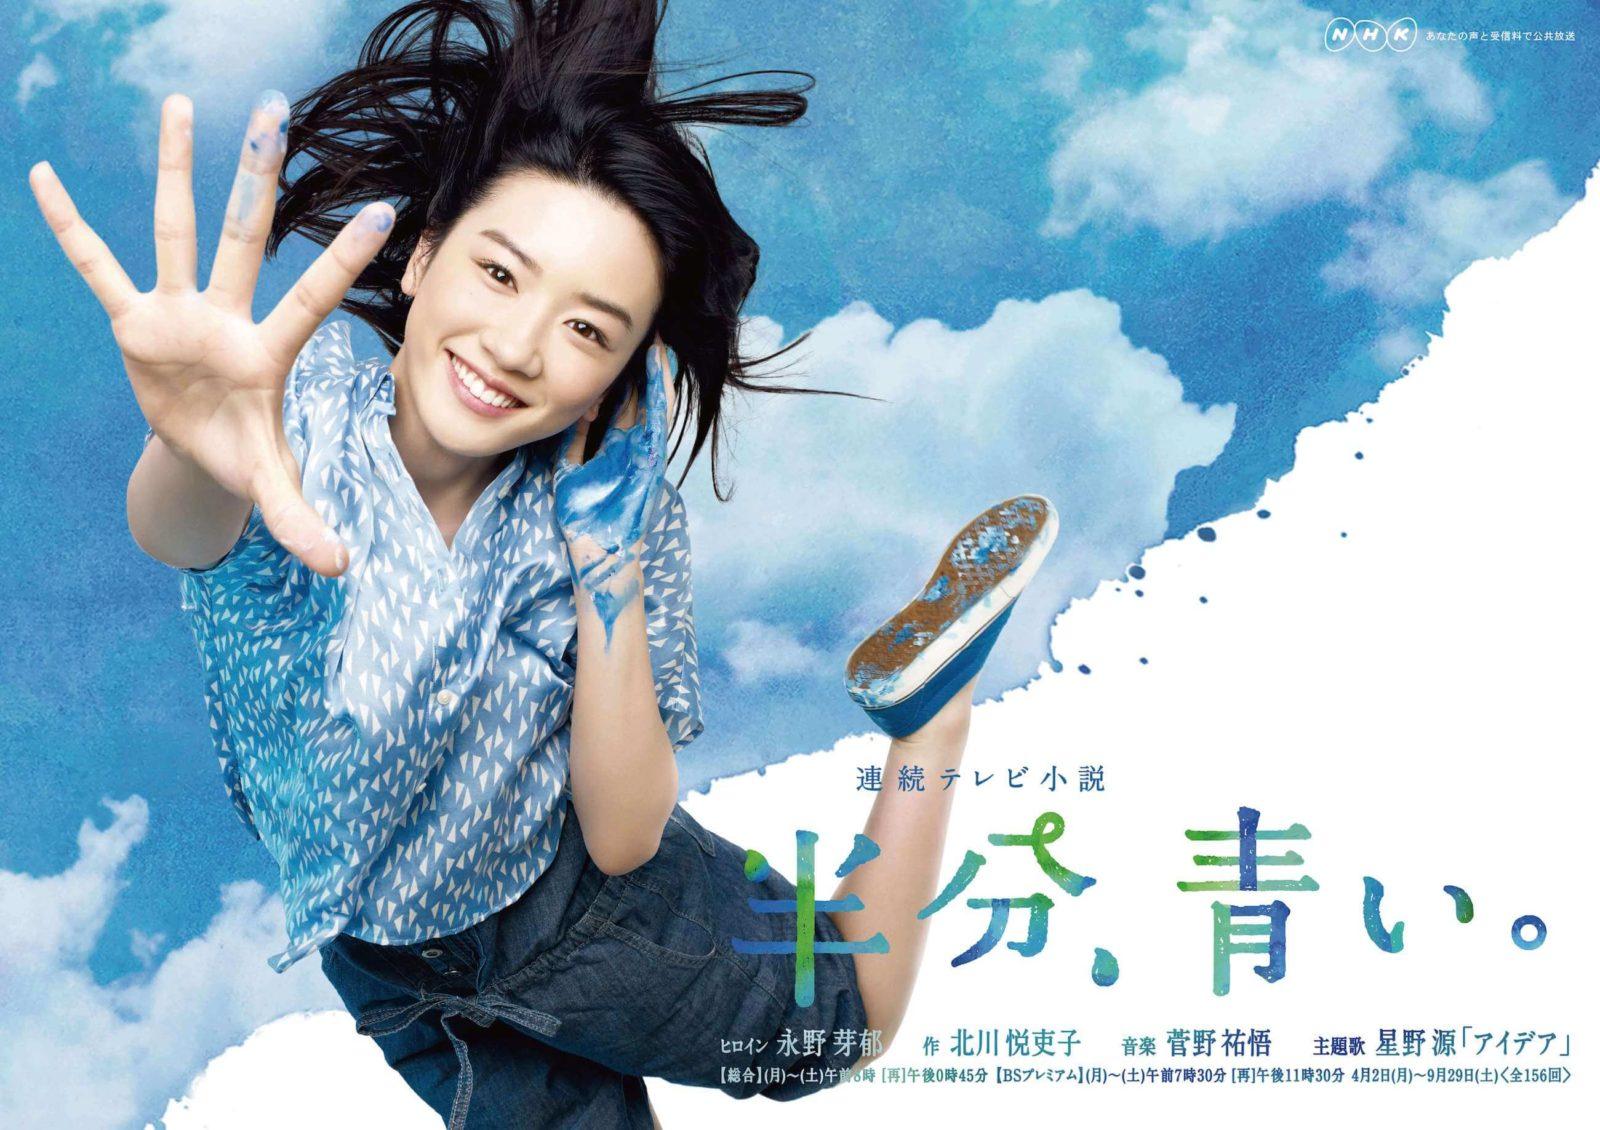 永野芽郁『半分、青い。』撮影終了後もあることで悩み「泣いたりして」サムネイル画像